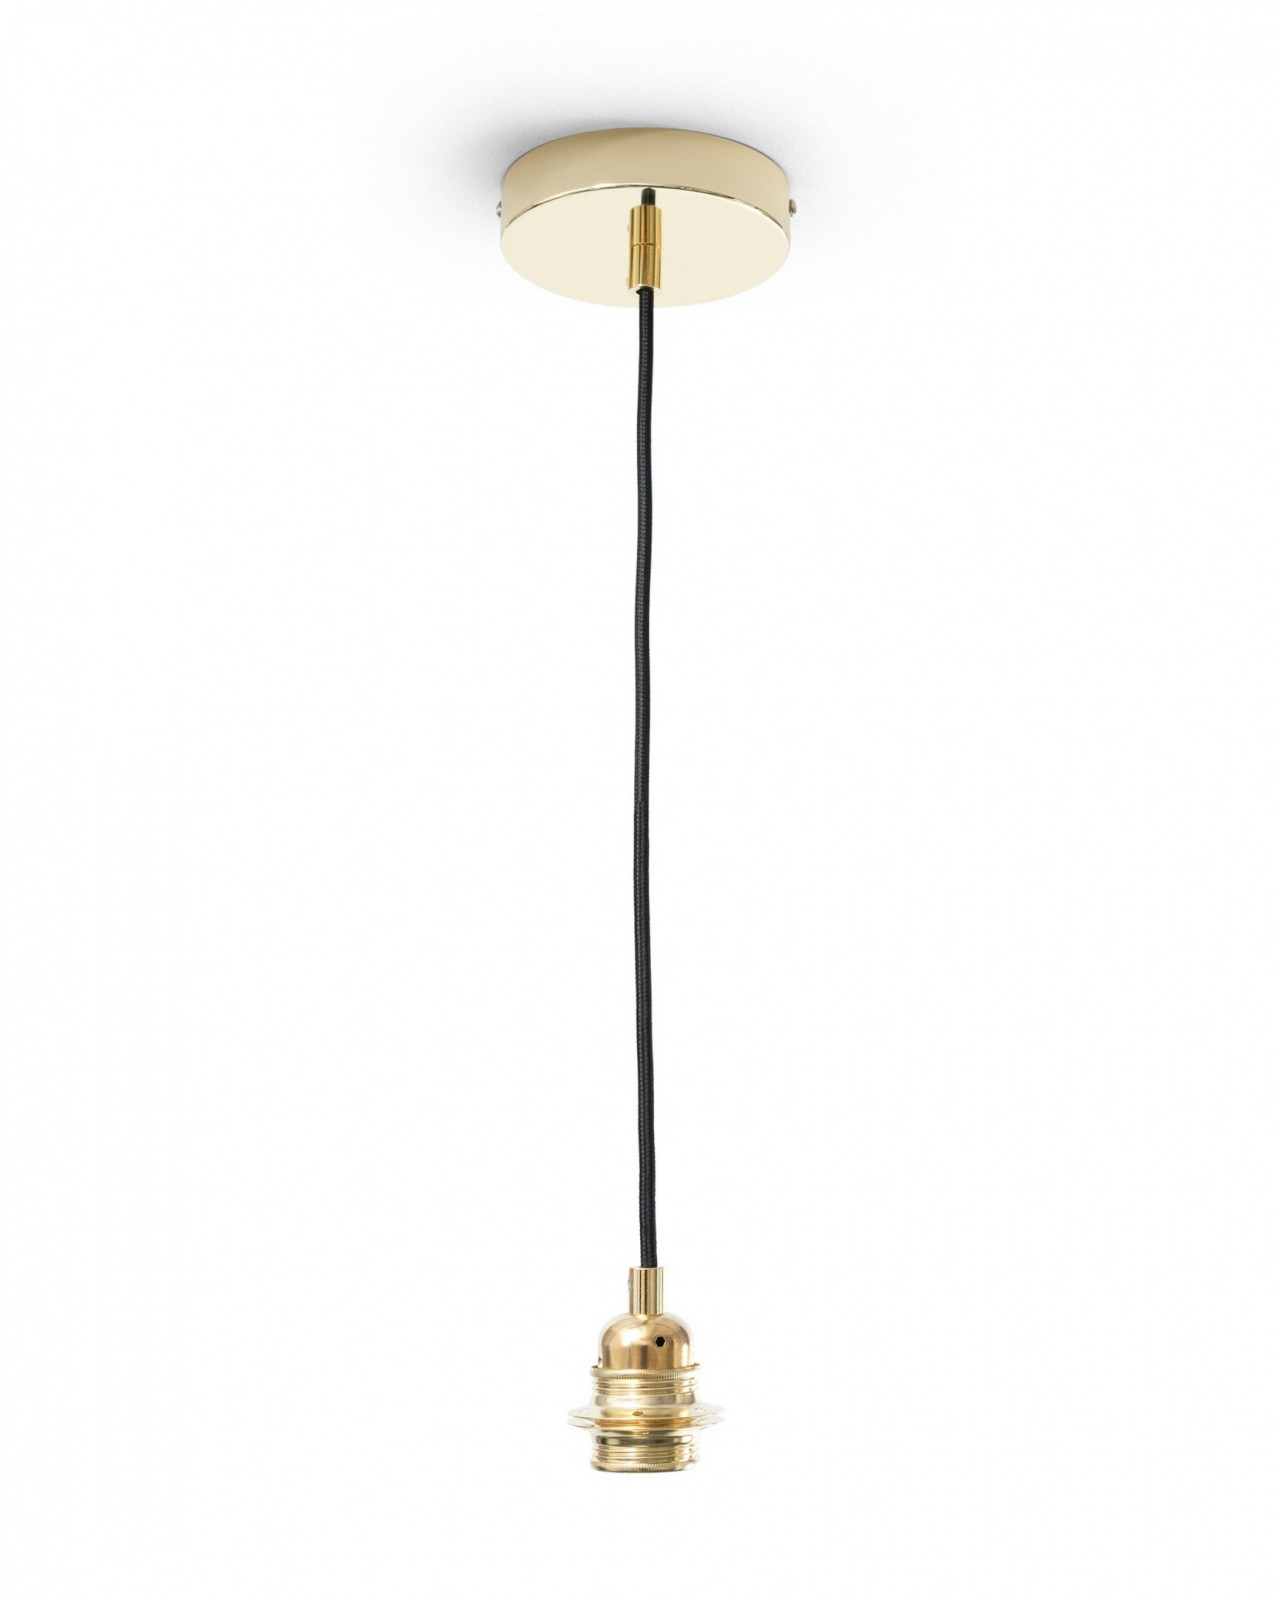 RIVERSIDE Pendant Lamp